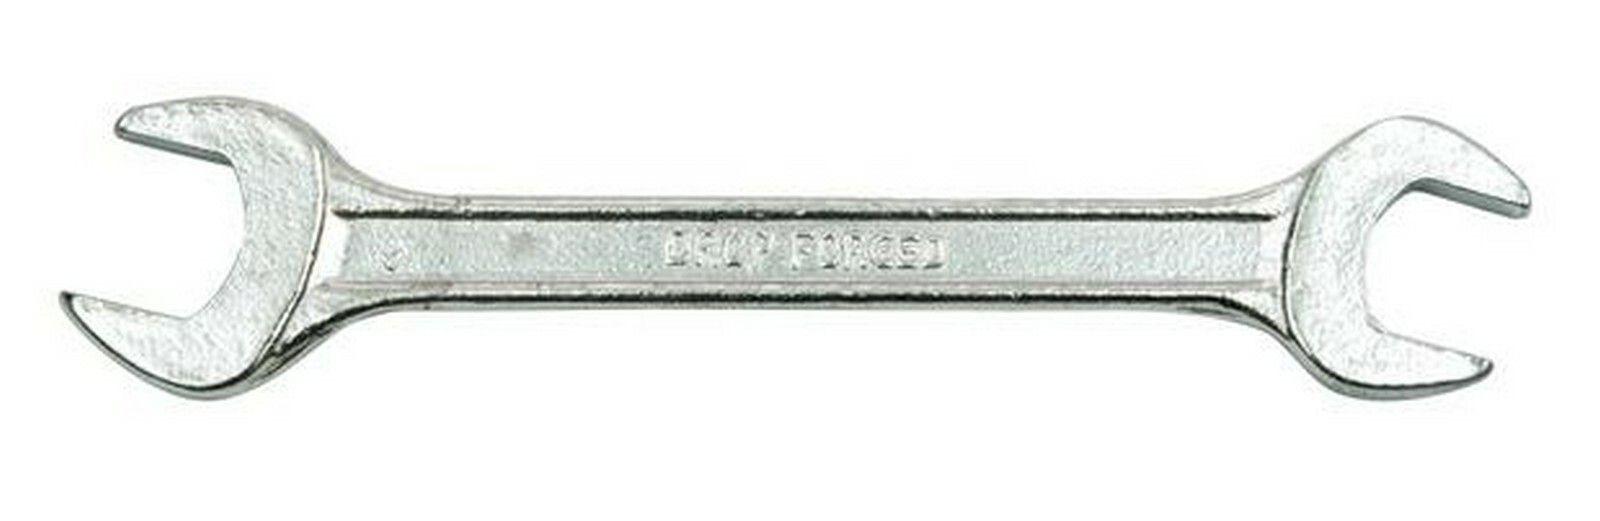 Klíč plochý 8 x 10 mm TOYA